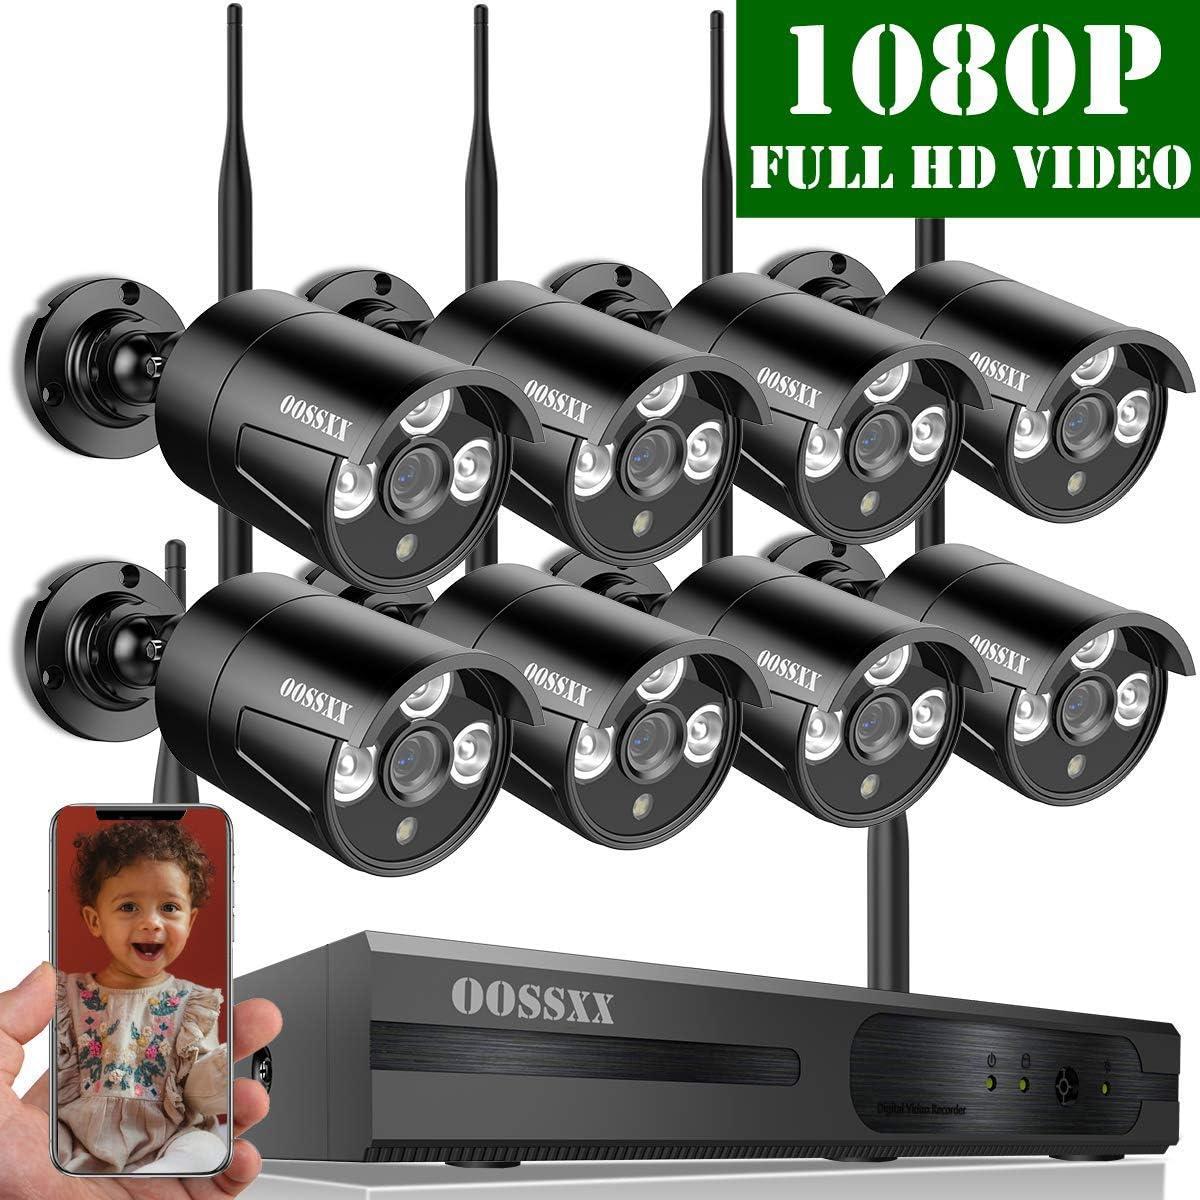 1 TB 100 vatios OOSSXX Sistema de c/ámaras de seguridad inal/ámbrica NVR 8CH con visi/ón nocturna IP67 720P 4 canales c/ámaras IP para exteriores con disco duro 1080p 960p 8CH Blanco